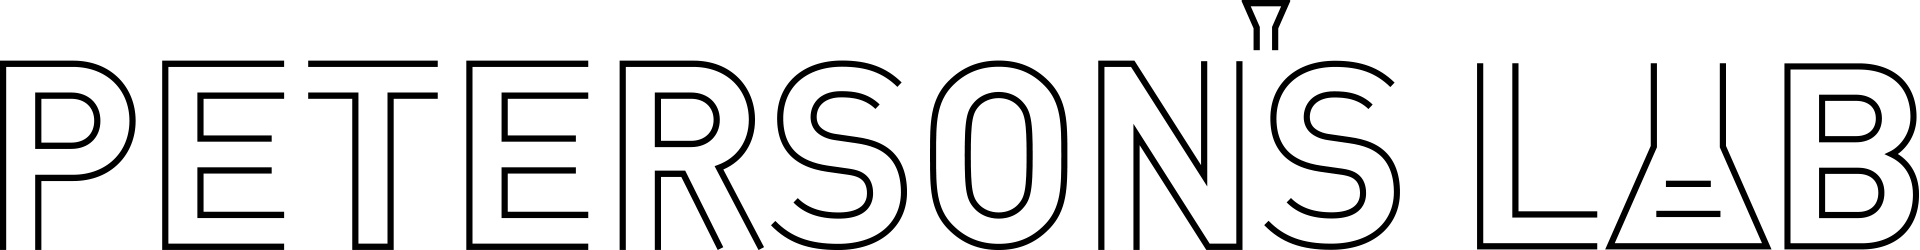 logo黑